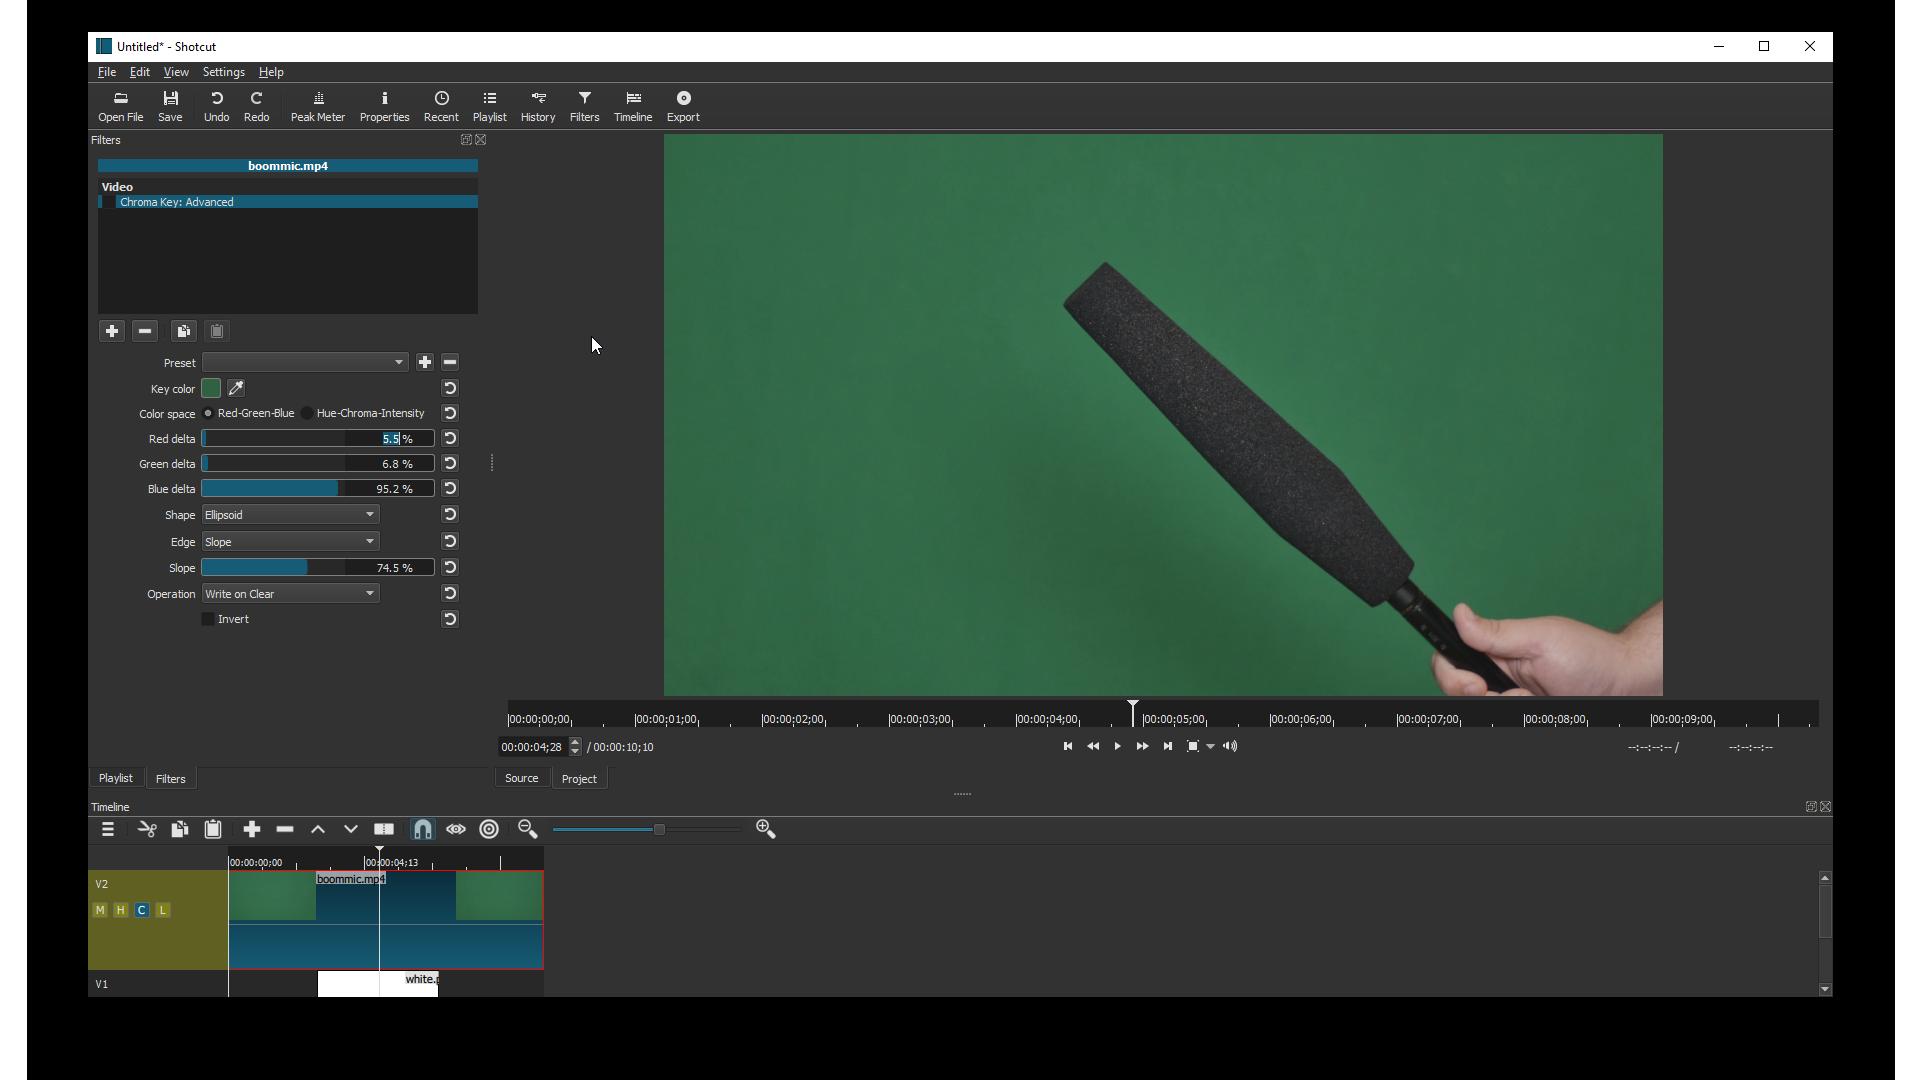 Можно ли заменить Adobe Premiere и Sony Vegas бесплатными видеоредакторами? - 10